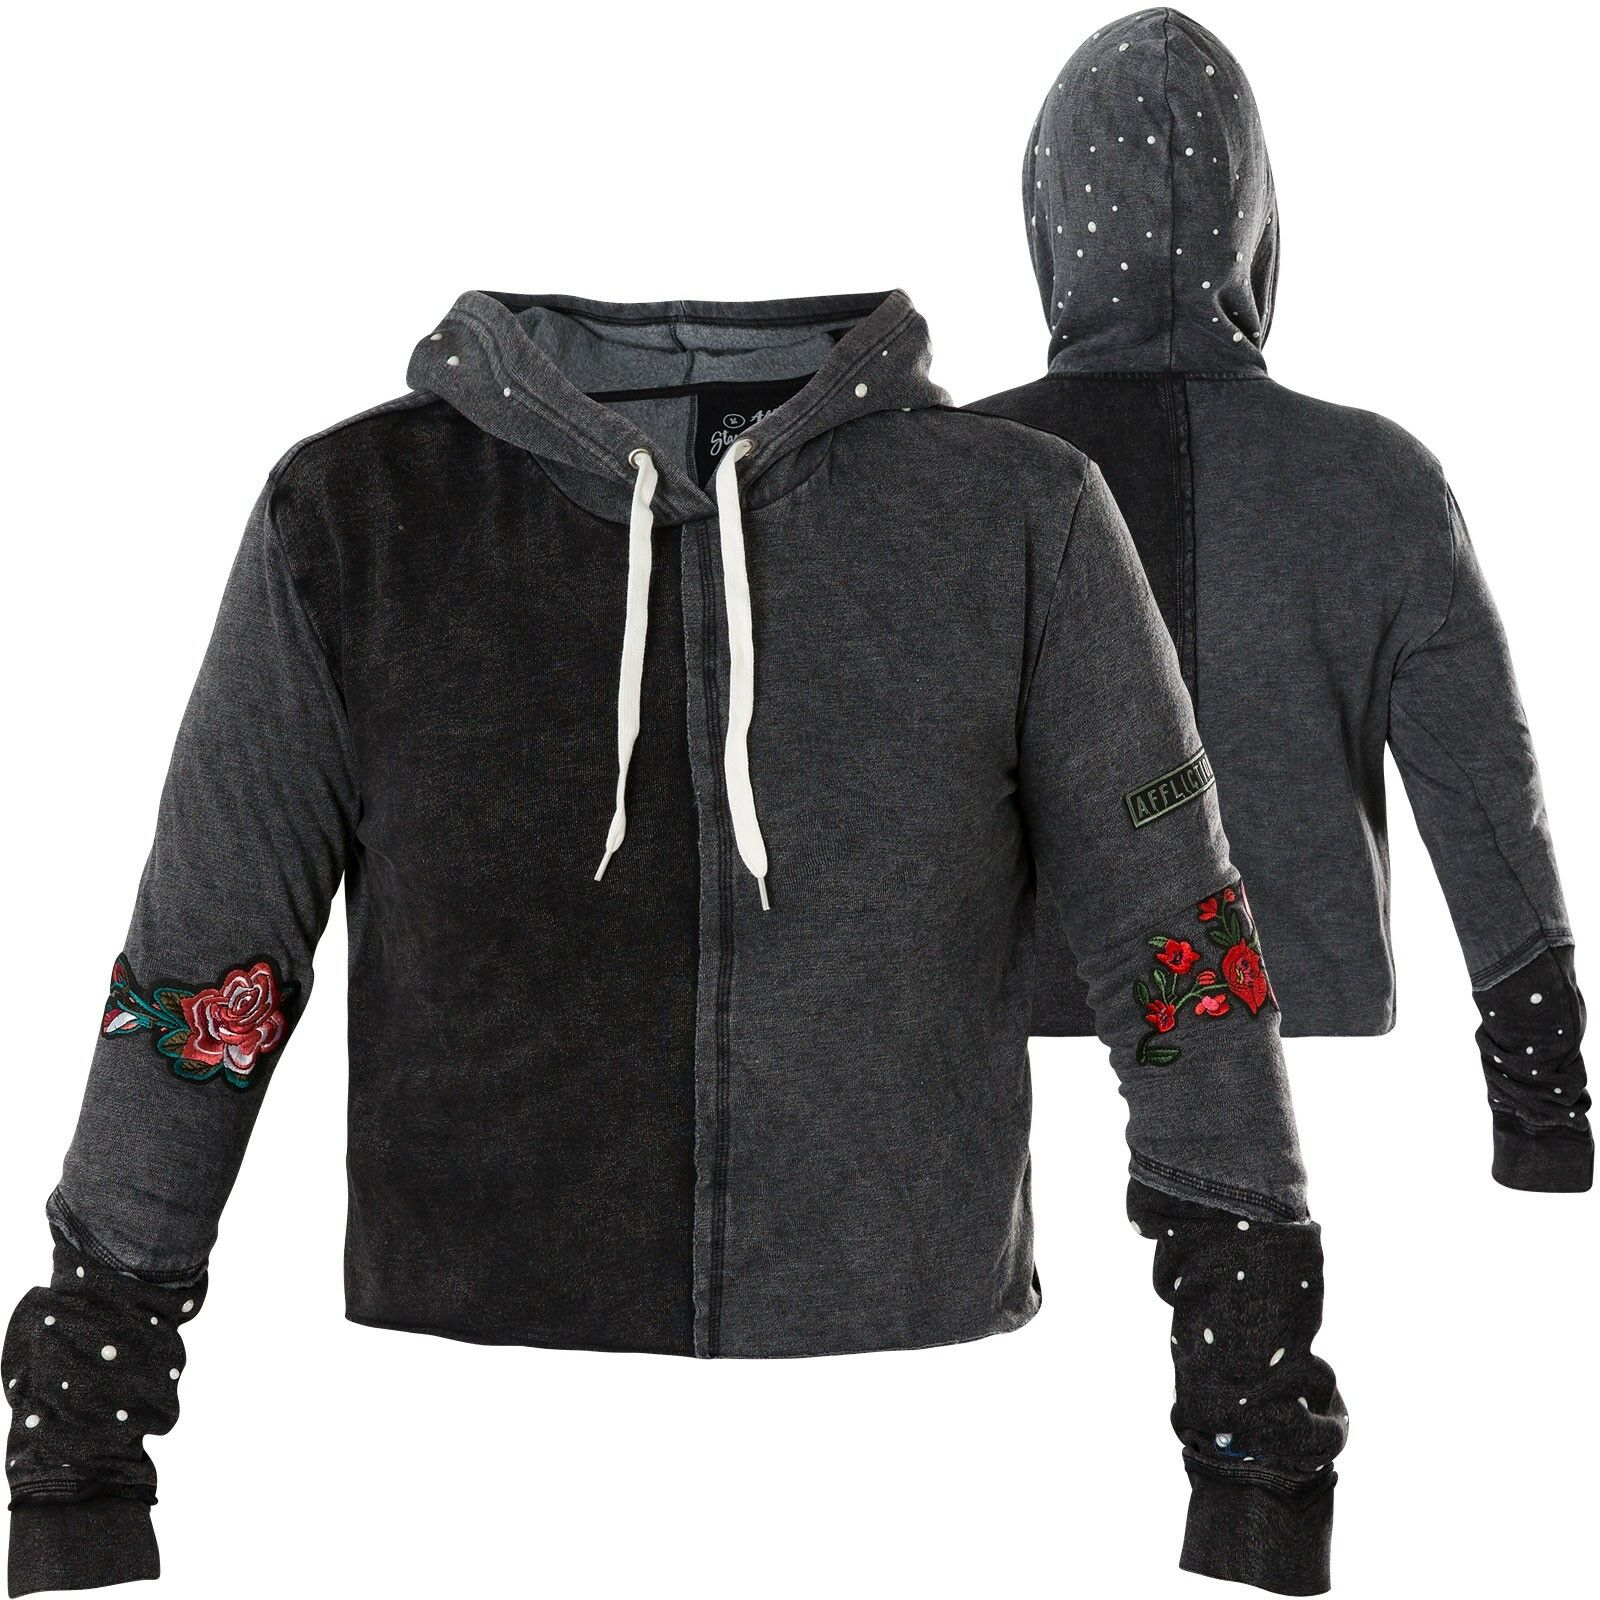 AFFLICTION Damen Hoody Standard Supply Grau Schwarz Hoodies  Sweatshirts  | Quality First  | Sorgfältig ausgewählte Materialien  | König der Quantität  | Der Schatz des Kindes, unser Glück  | Räumungsverkauf